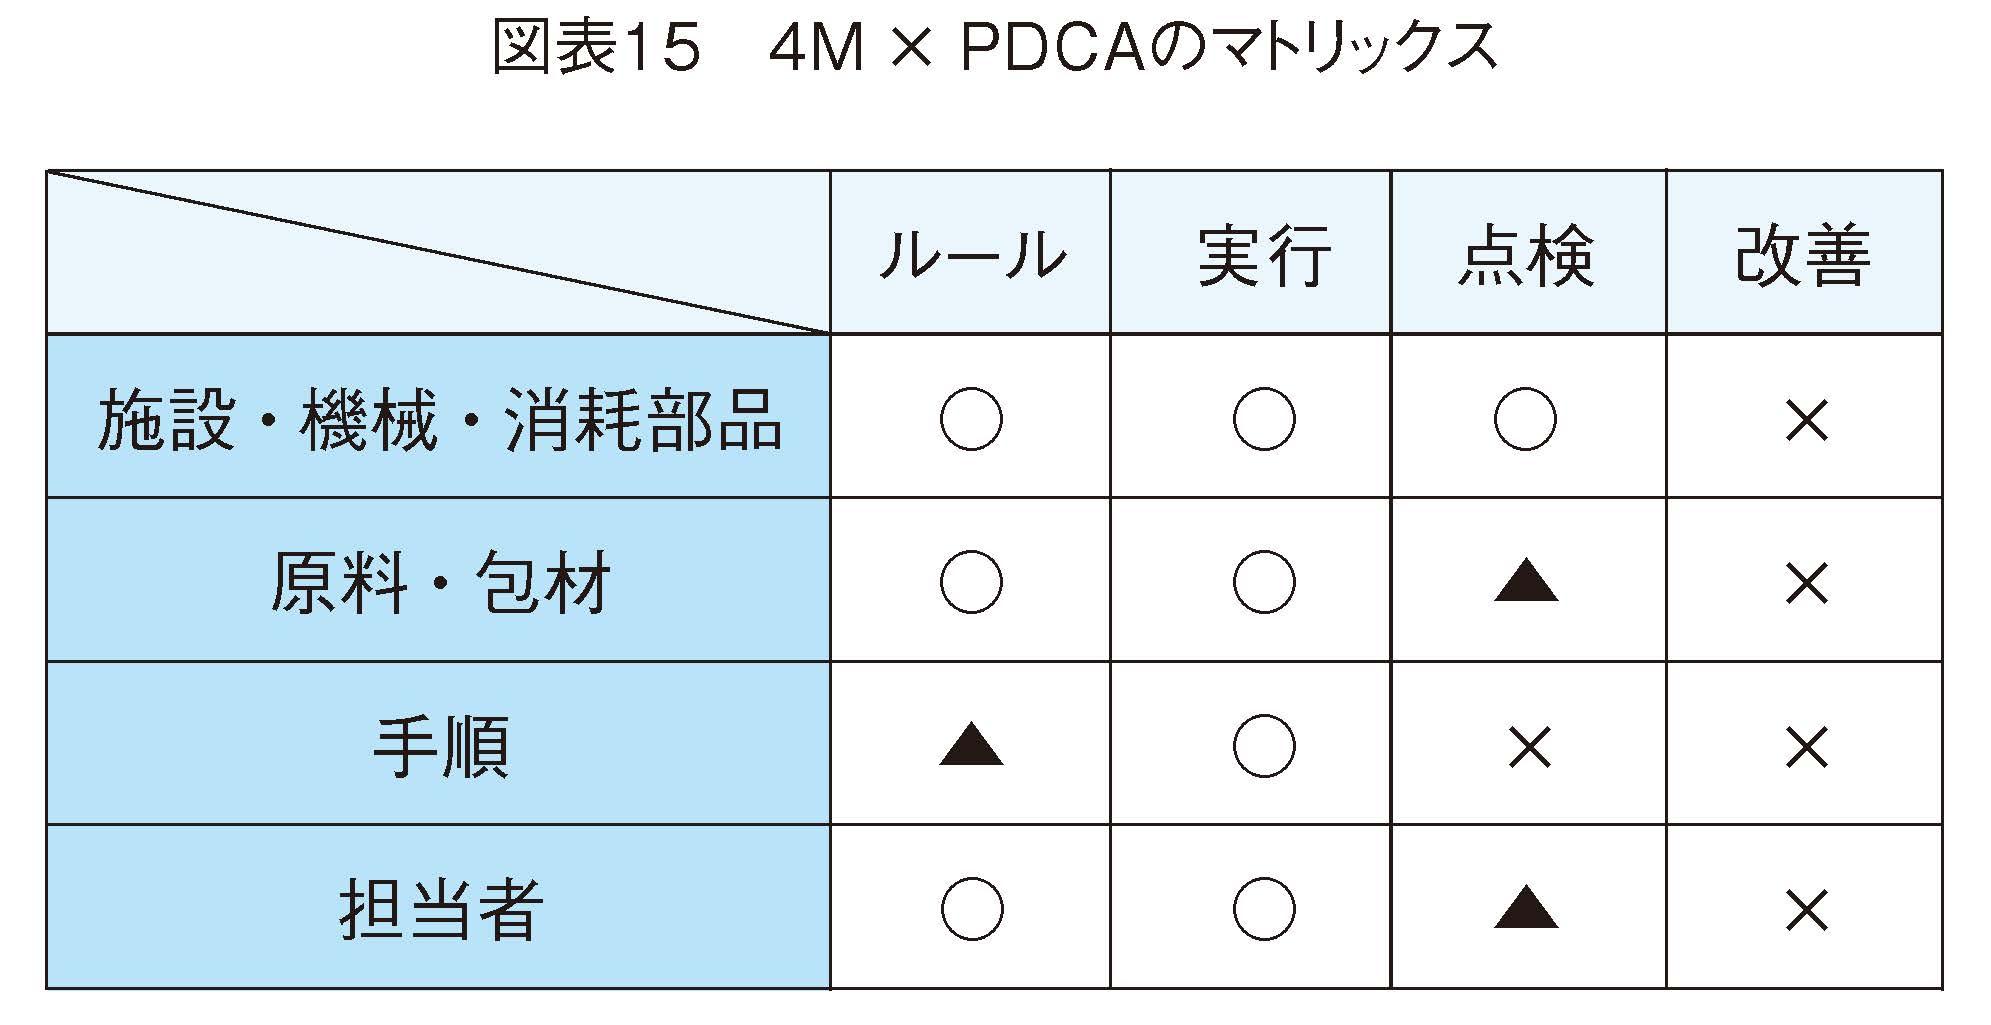 4M × PDCAのマトリックス